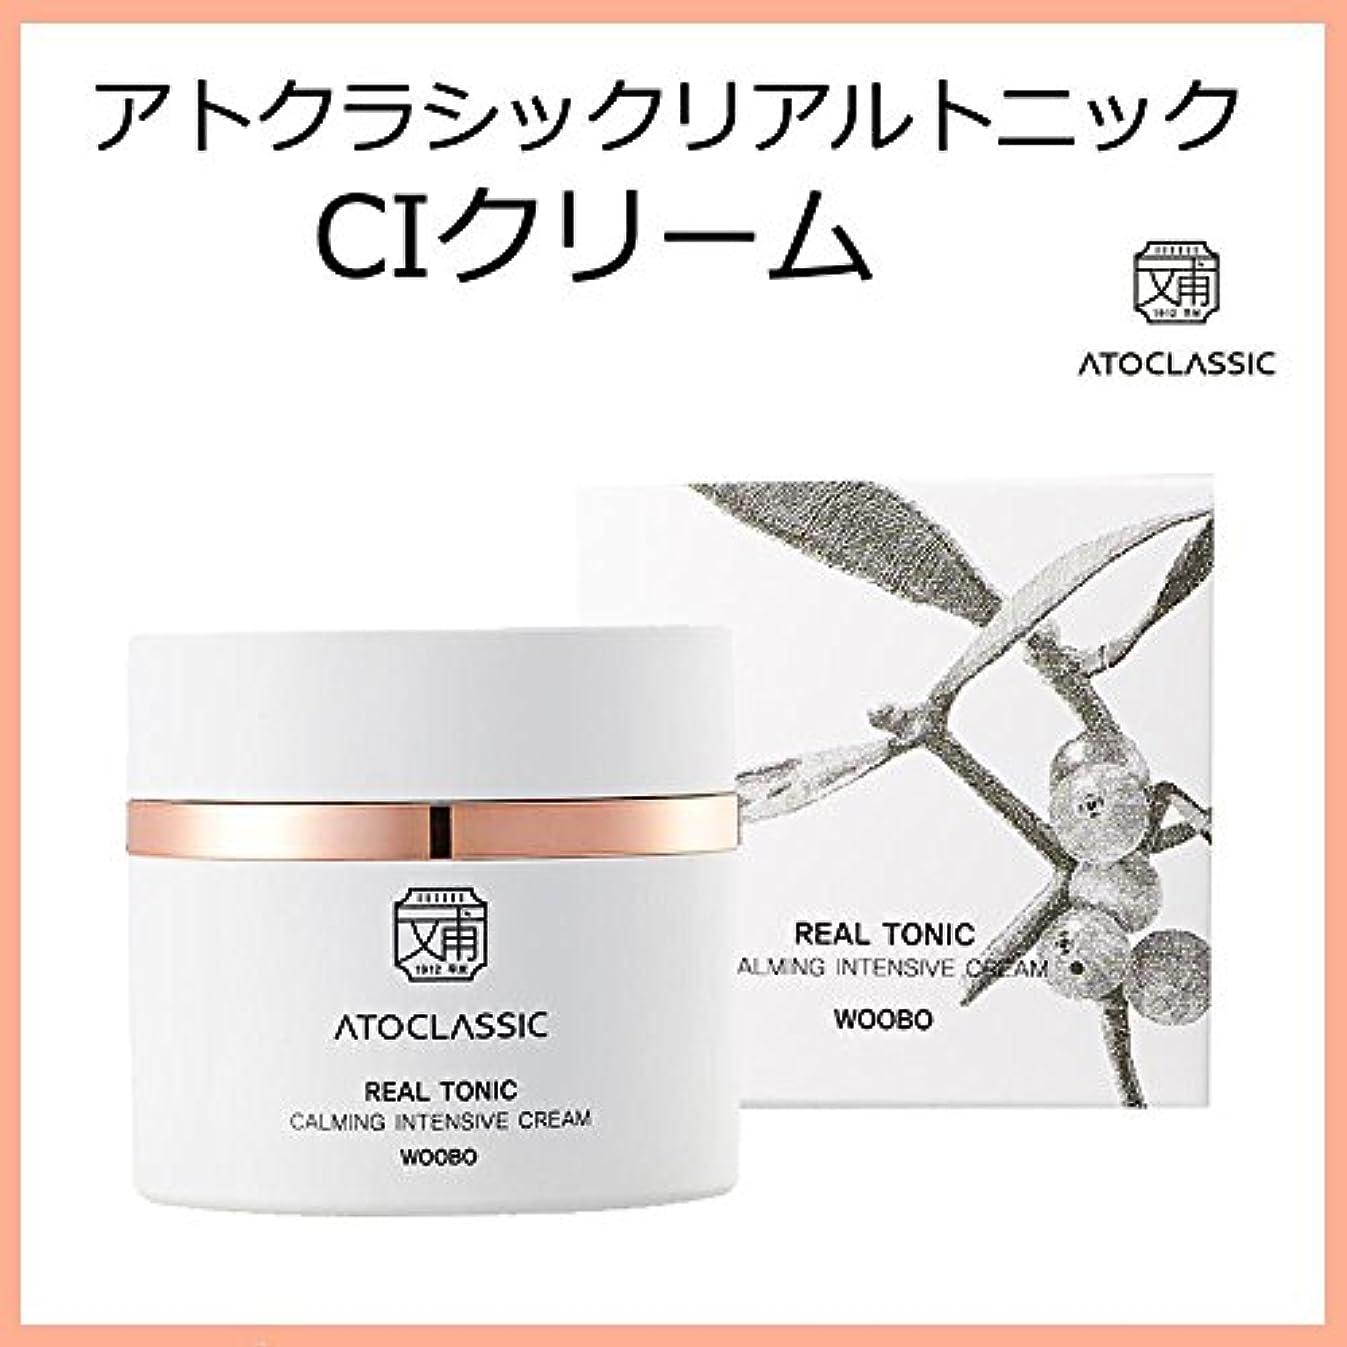 クローゼット責恥韓国コスメ ATOCLASSIC アトクラシックリアルトニック CIクリーム(Calming Intensive Cream) 50ml